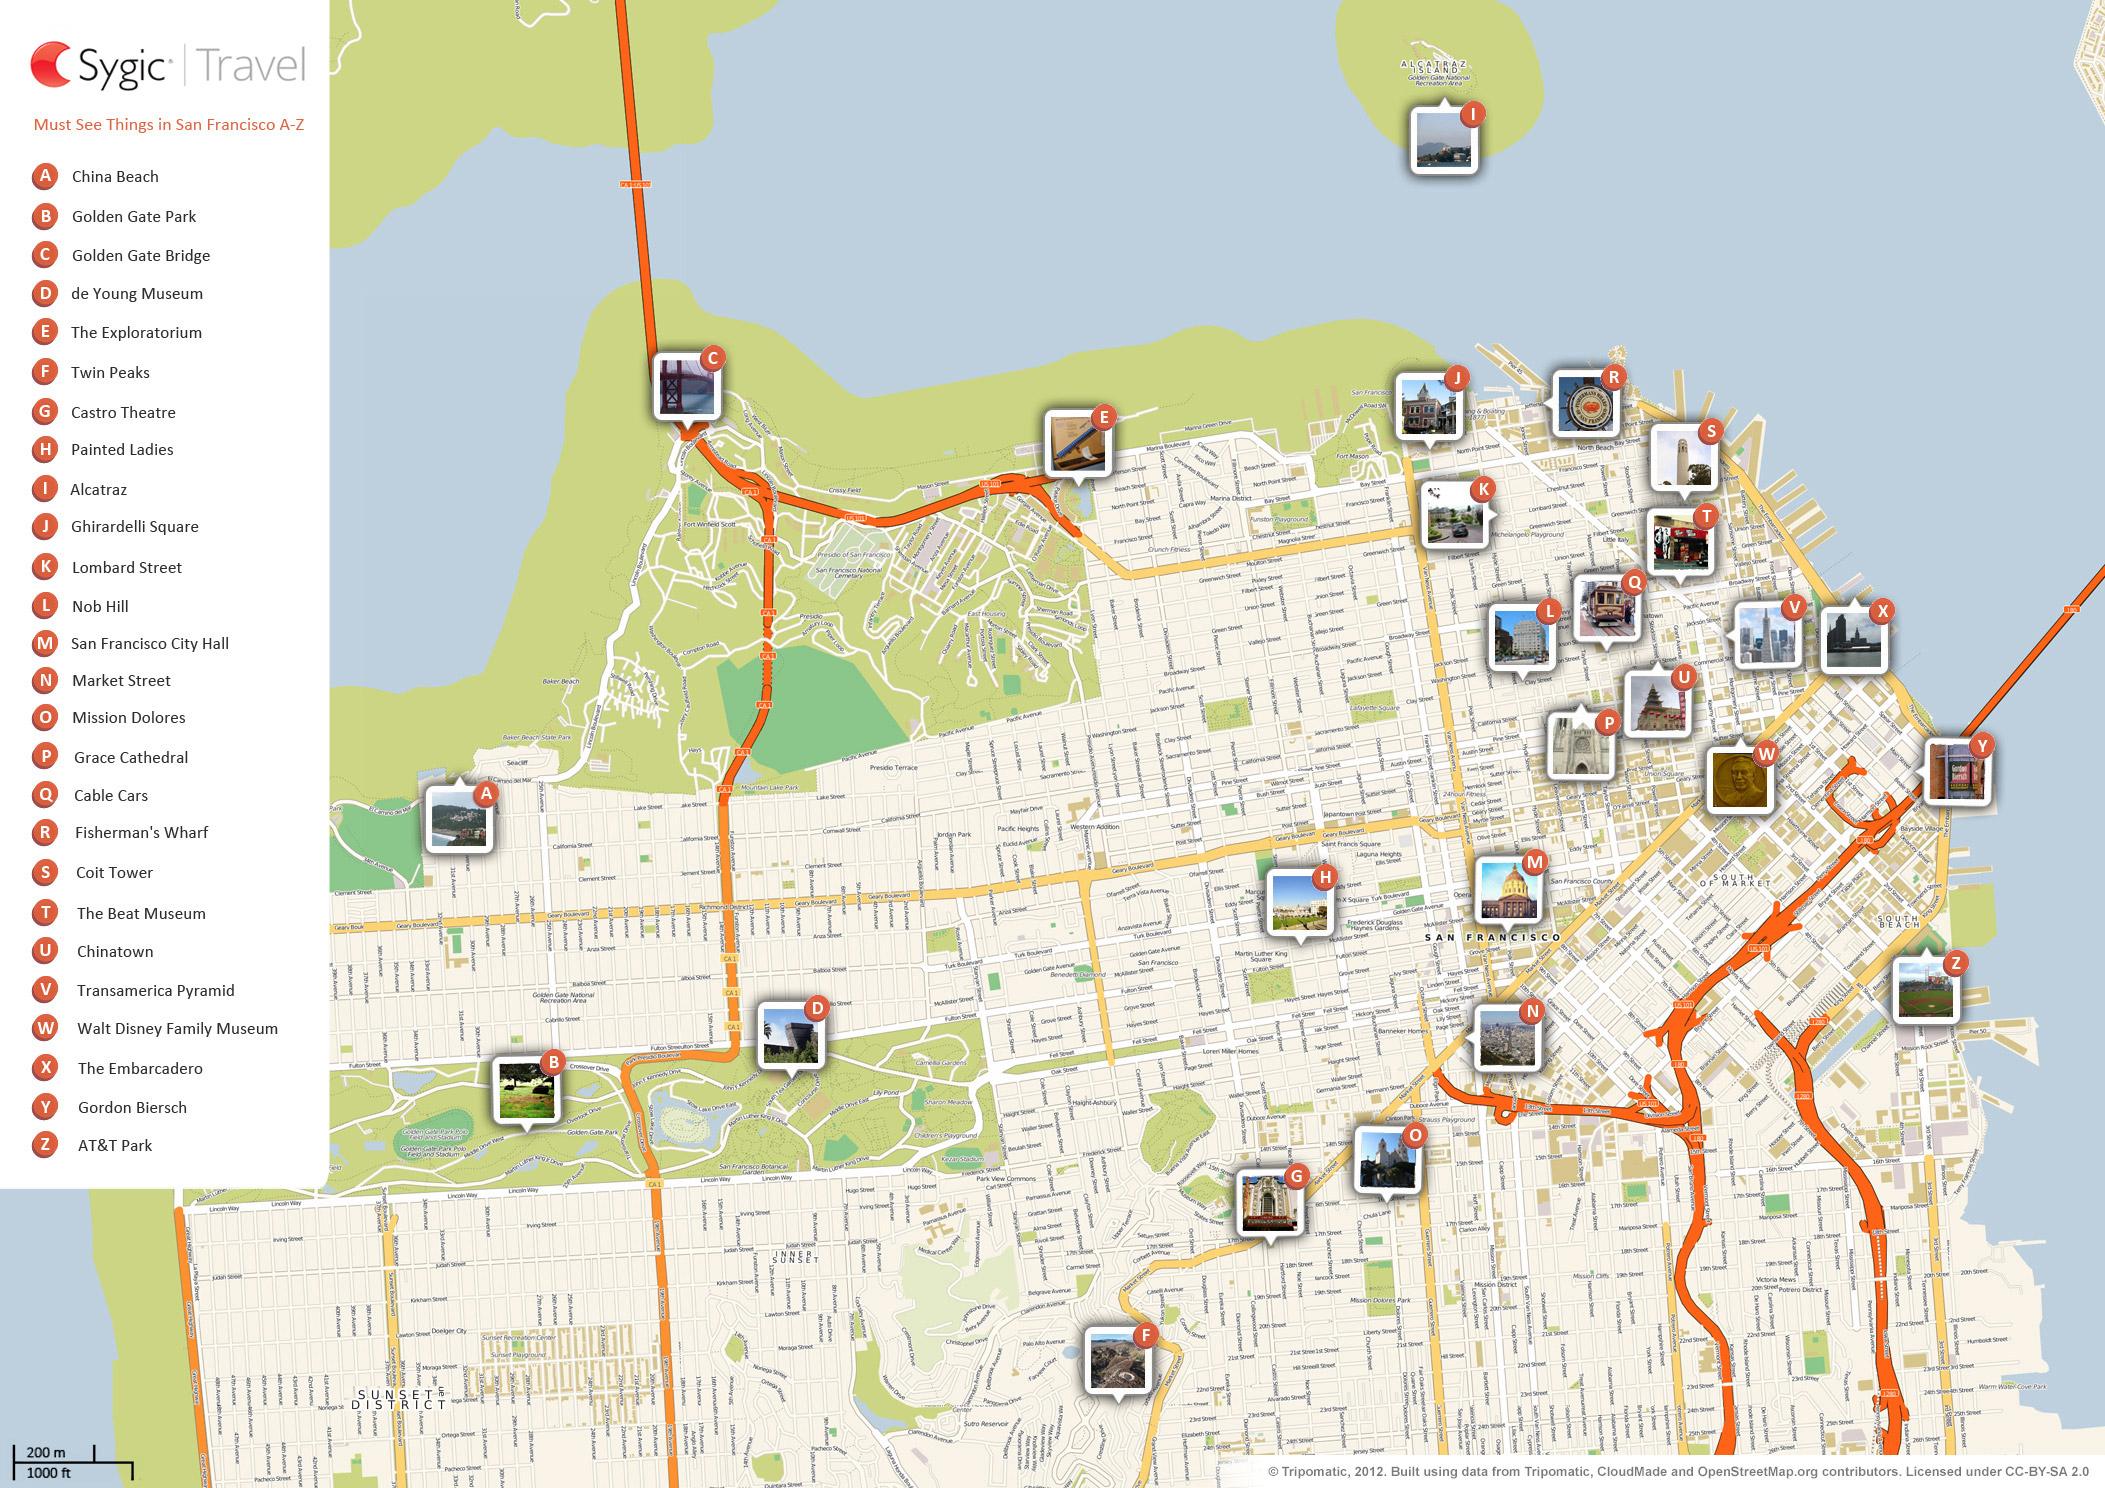 San Francisco Printable Tourist Map | Sygic Travel - Printable Map Of San Francisco Tourist Attractions